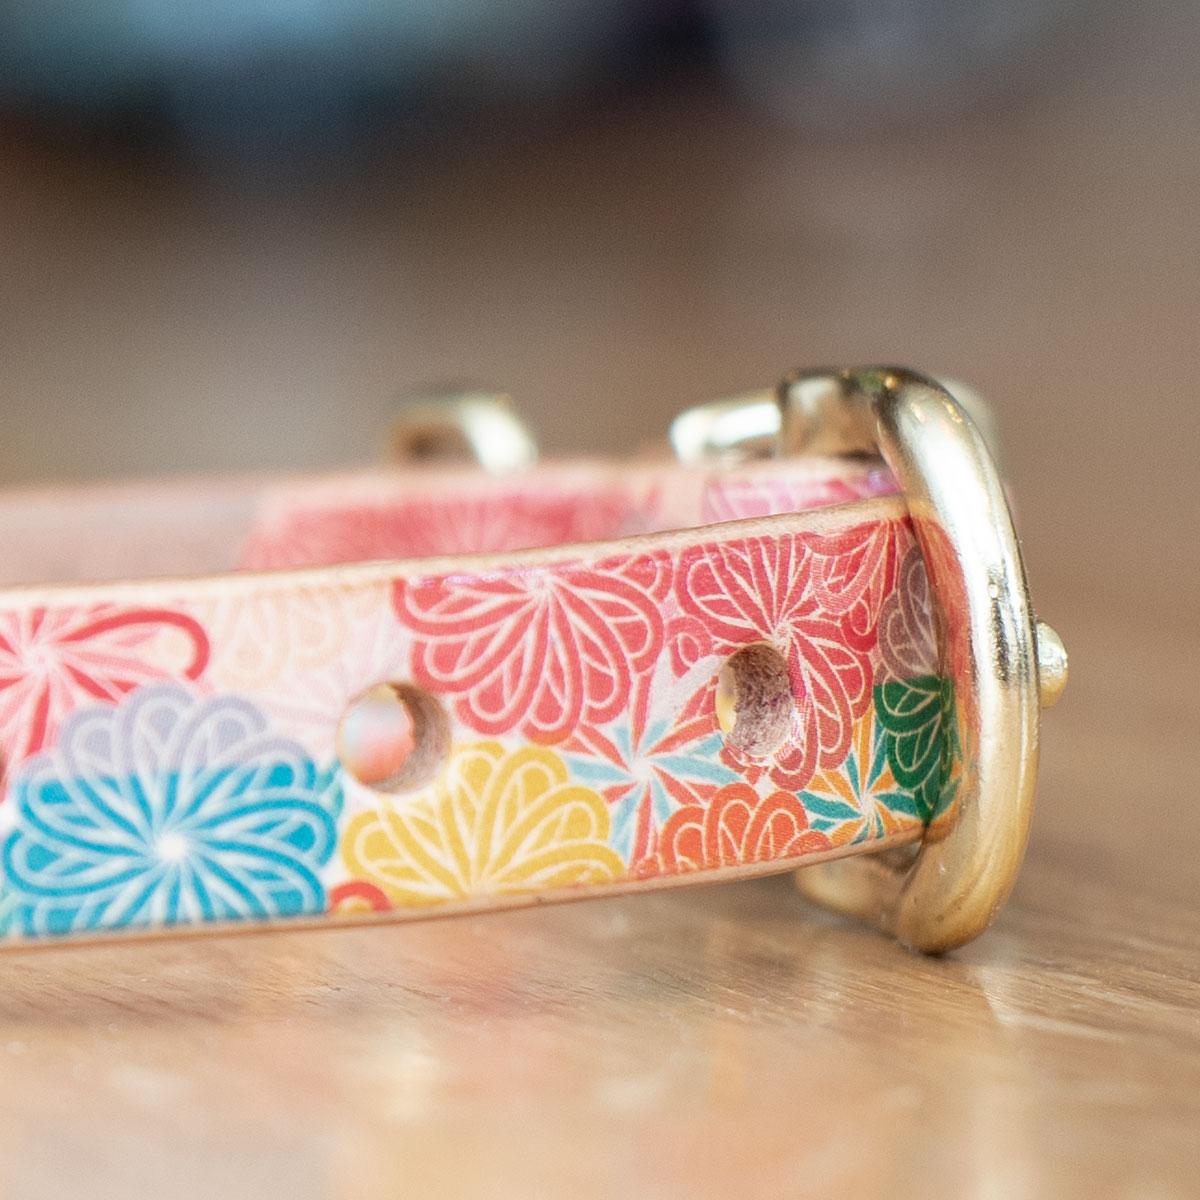 Framer アートなグラフィック本革首輪 菊柄文様 真鍮無垢金具 サイズSS〜L ベルト幅16mm #23468